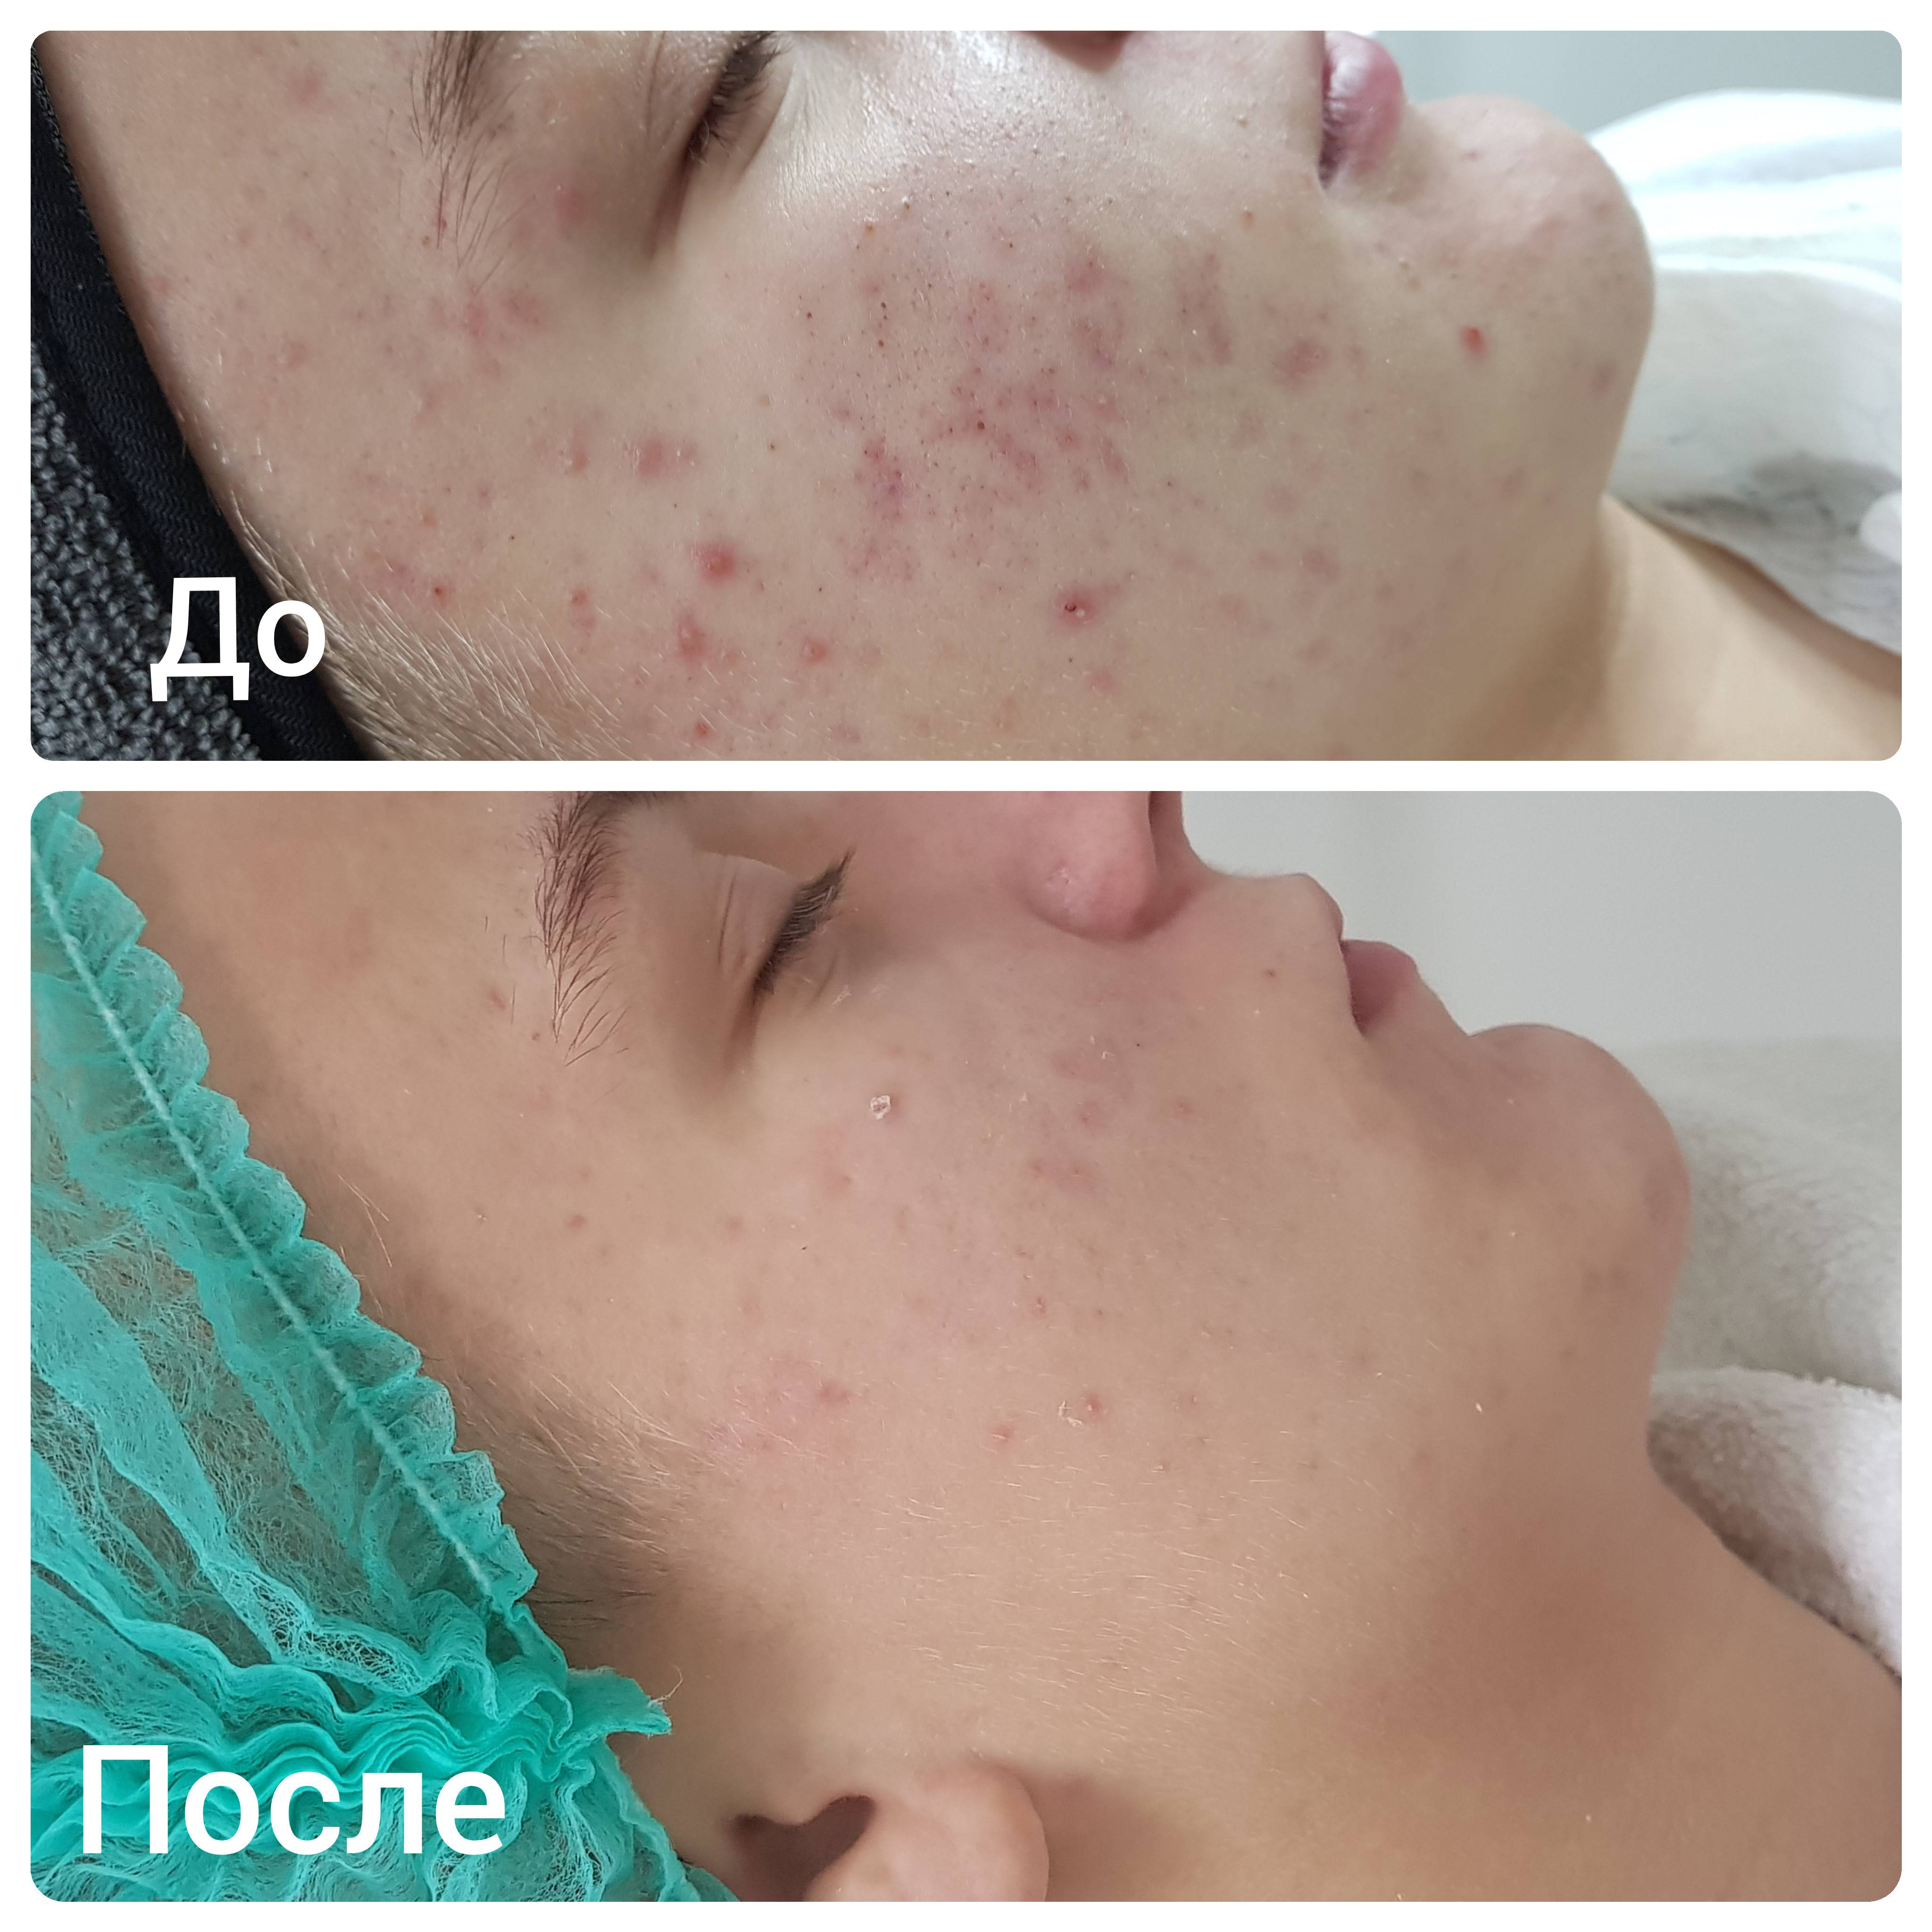 Атравматическая чистка лица – что это? фото до и после механической чистки